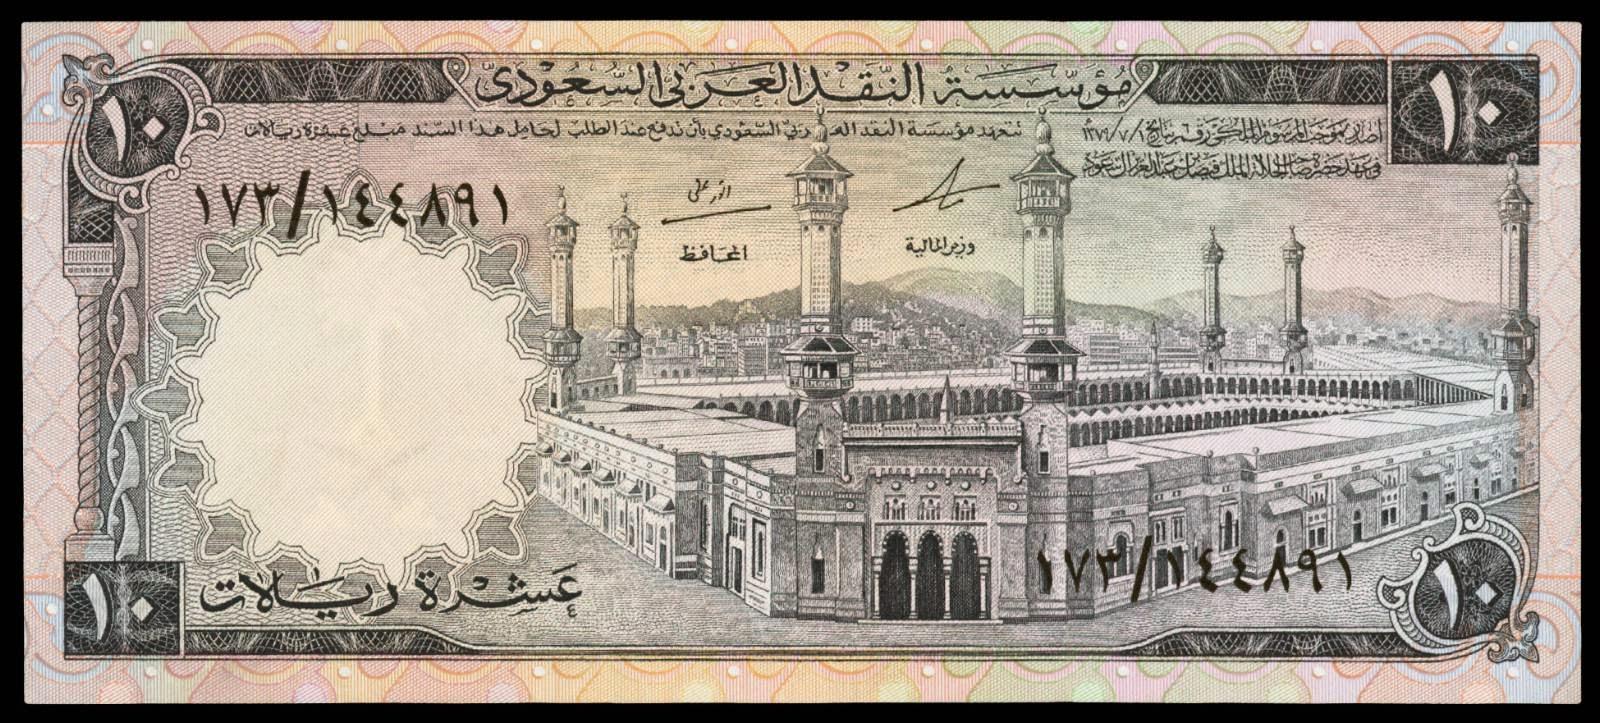 Forex brokers saudi arabia